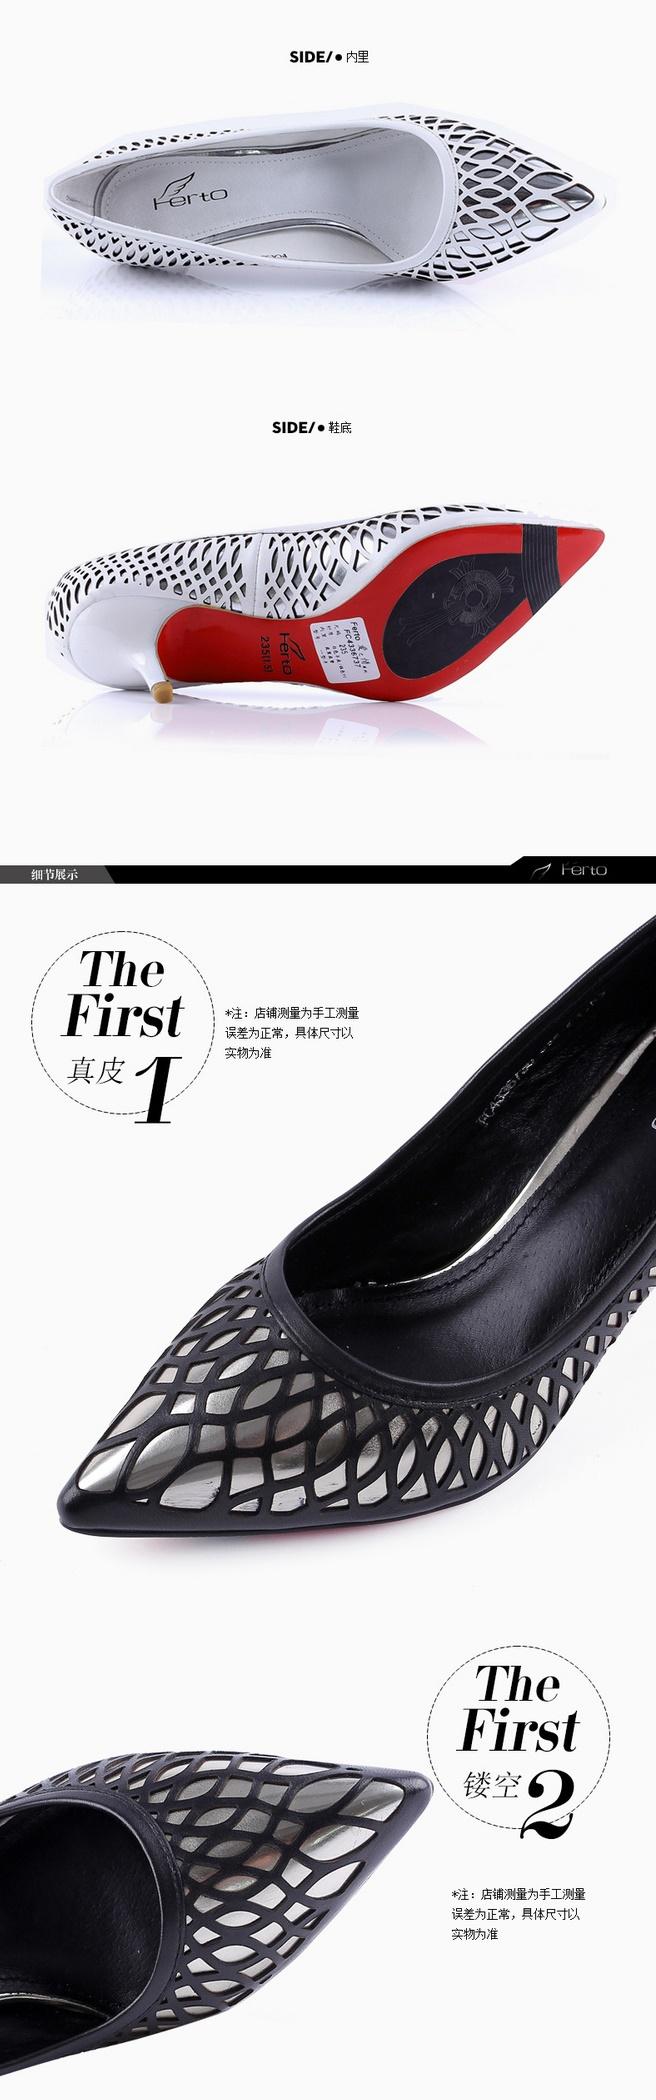 女鞋淘宝详情页装修